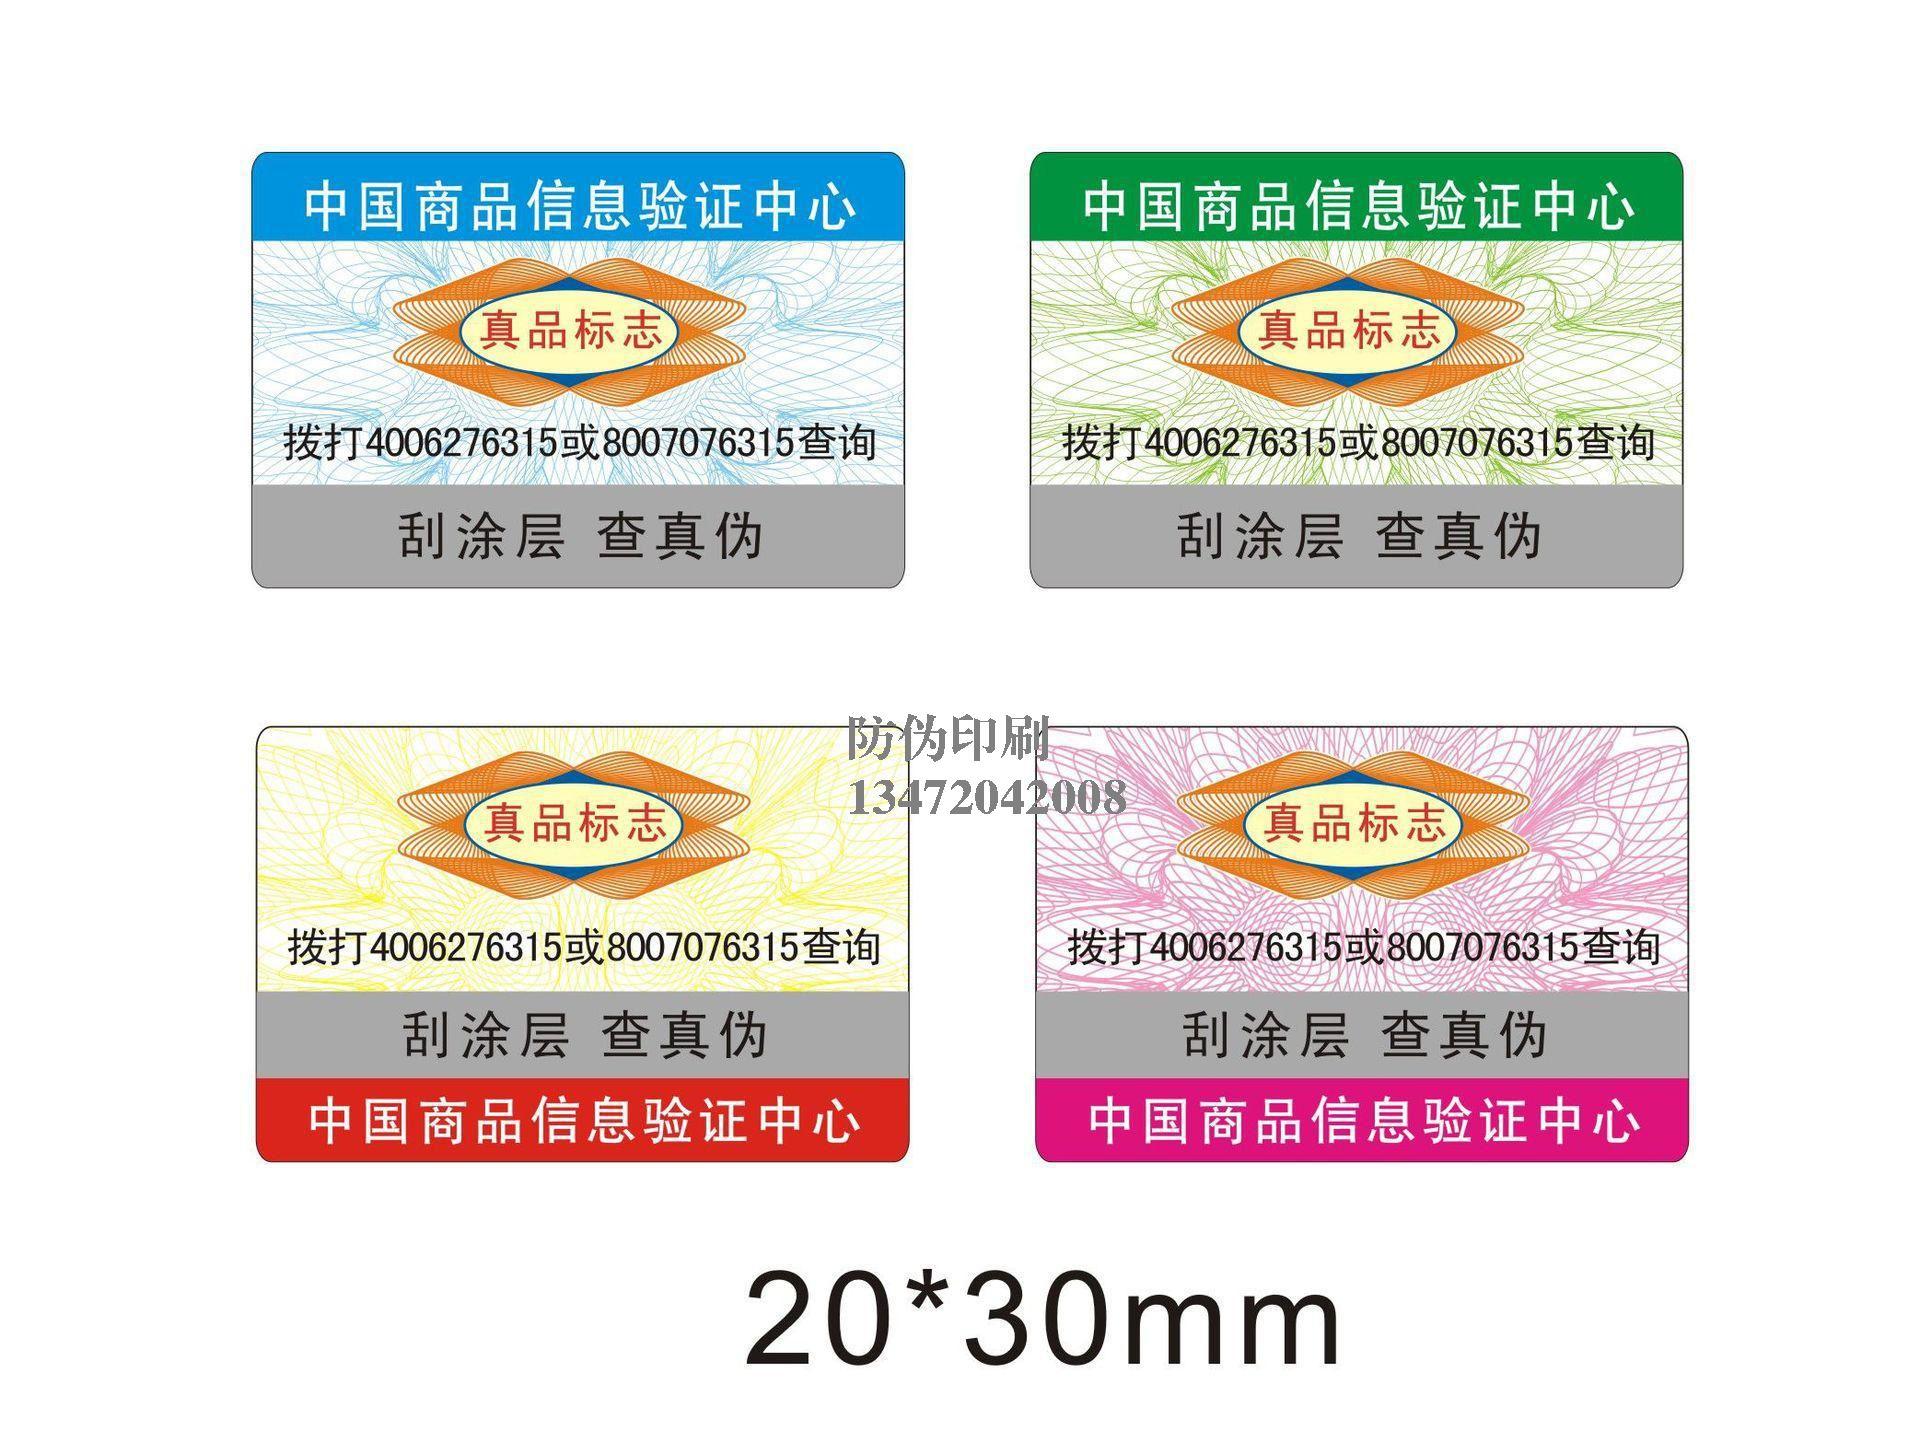 详细介绍几种伪造纸币的手法,新版美钞不仅在纸中埋入金属线,